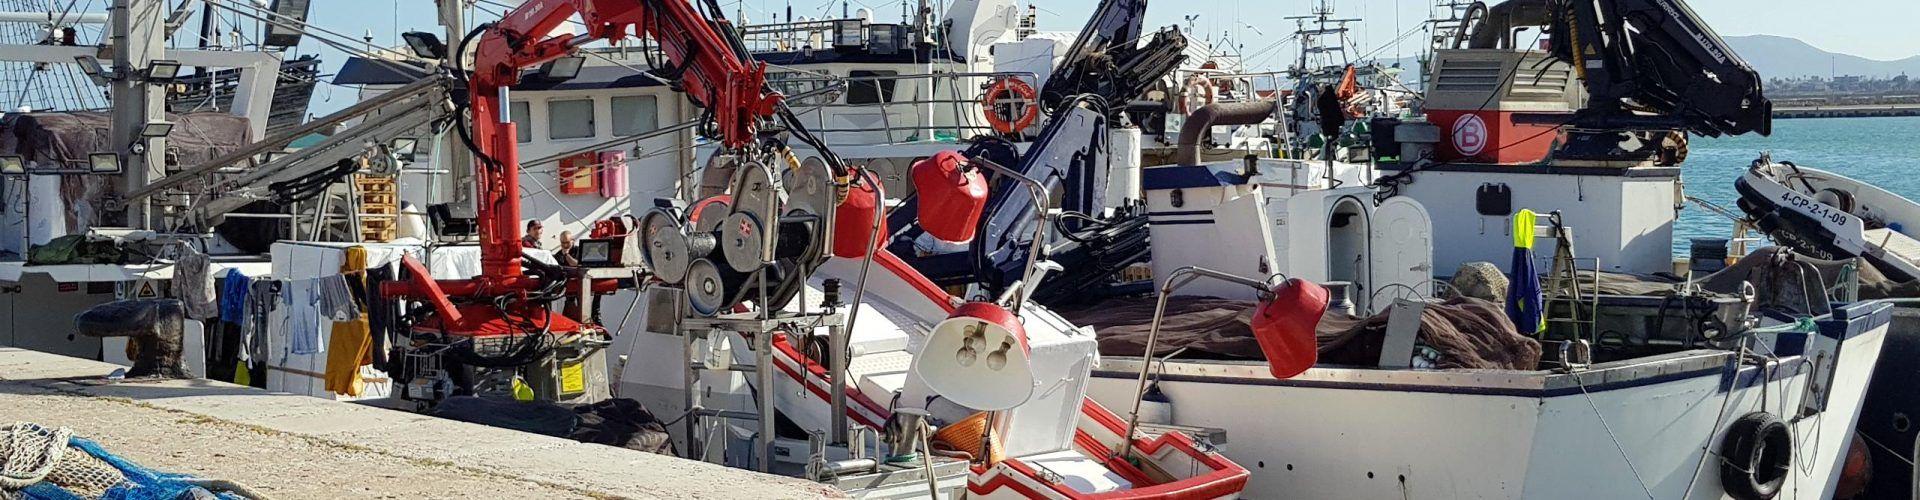 El puerto de Vinaròs se revitaliza con barcas de cerco forasteras